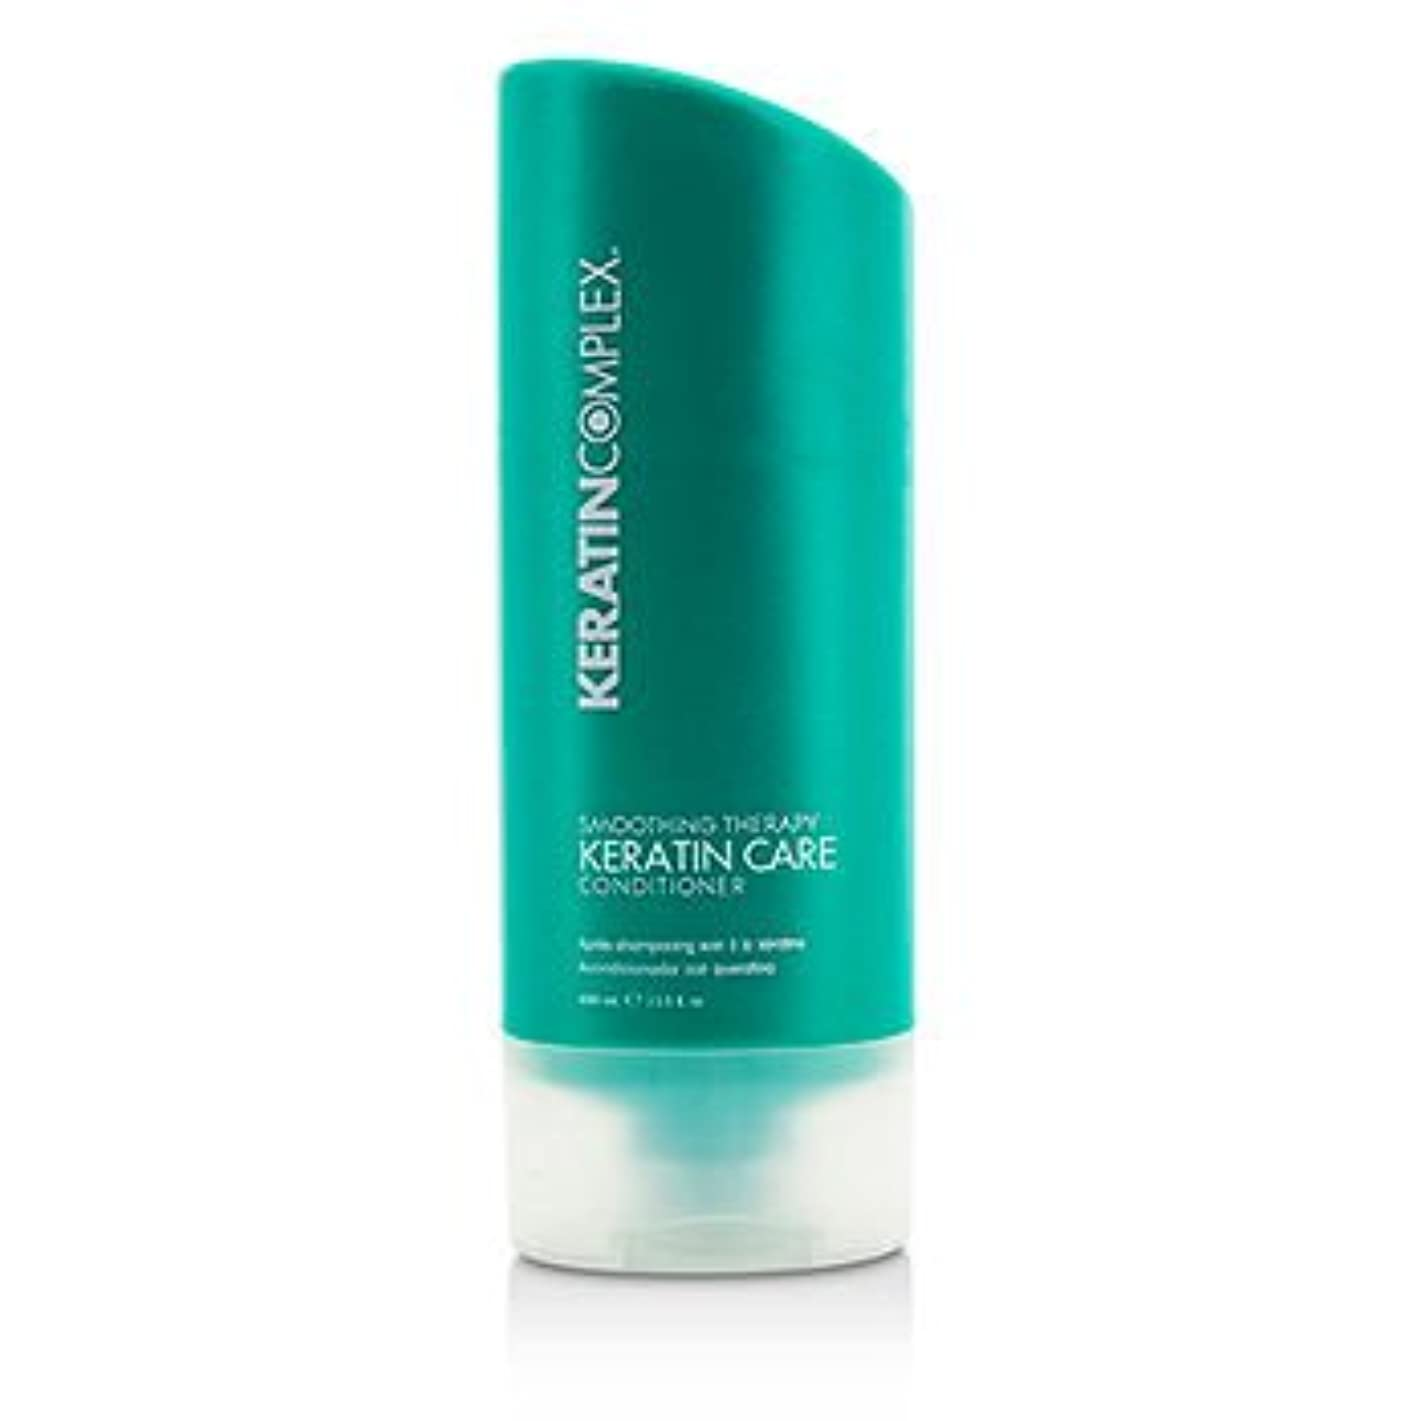 派生する早く古い[Keratin Complex] Smoothing Therapy Keratin Care Conditioner (For All Hair Types) 400ml/13.5oz